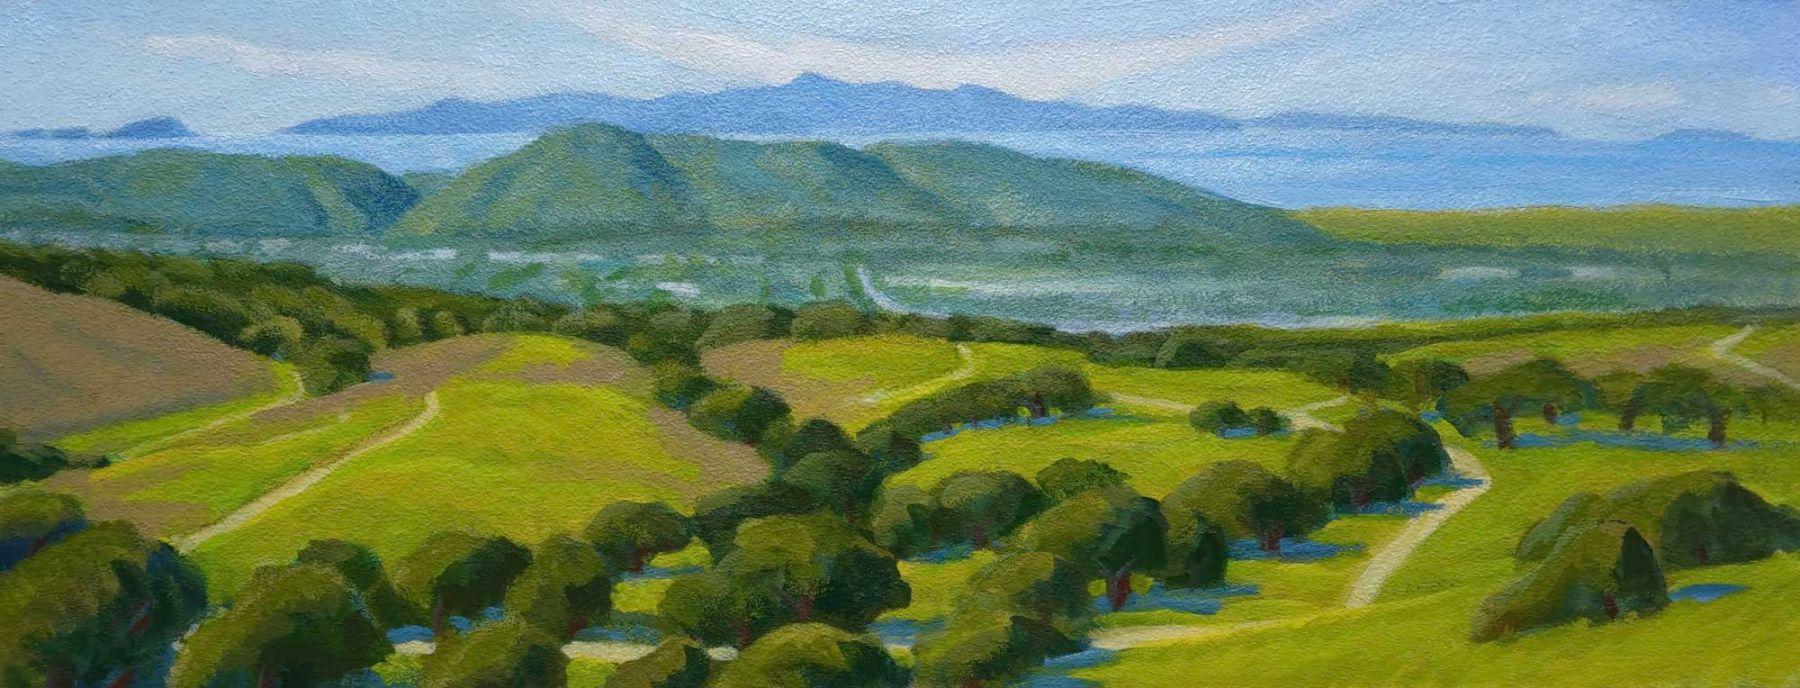 John Iwerks - San Marcos Foothills